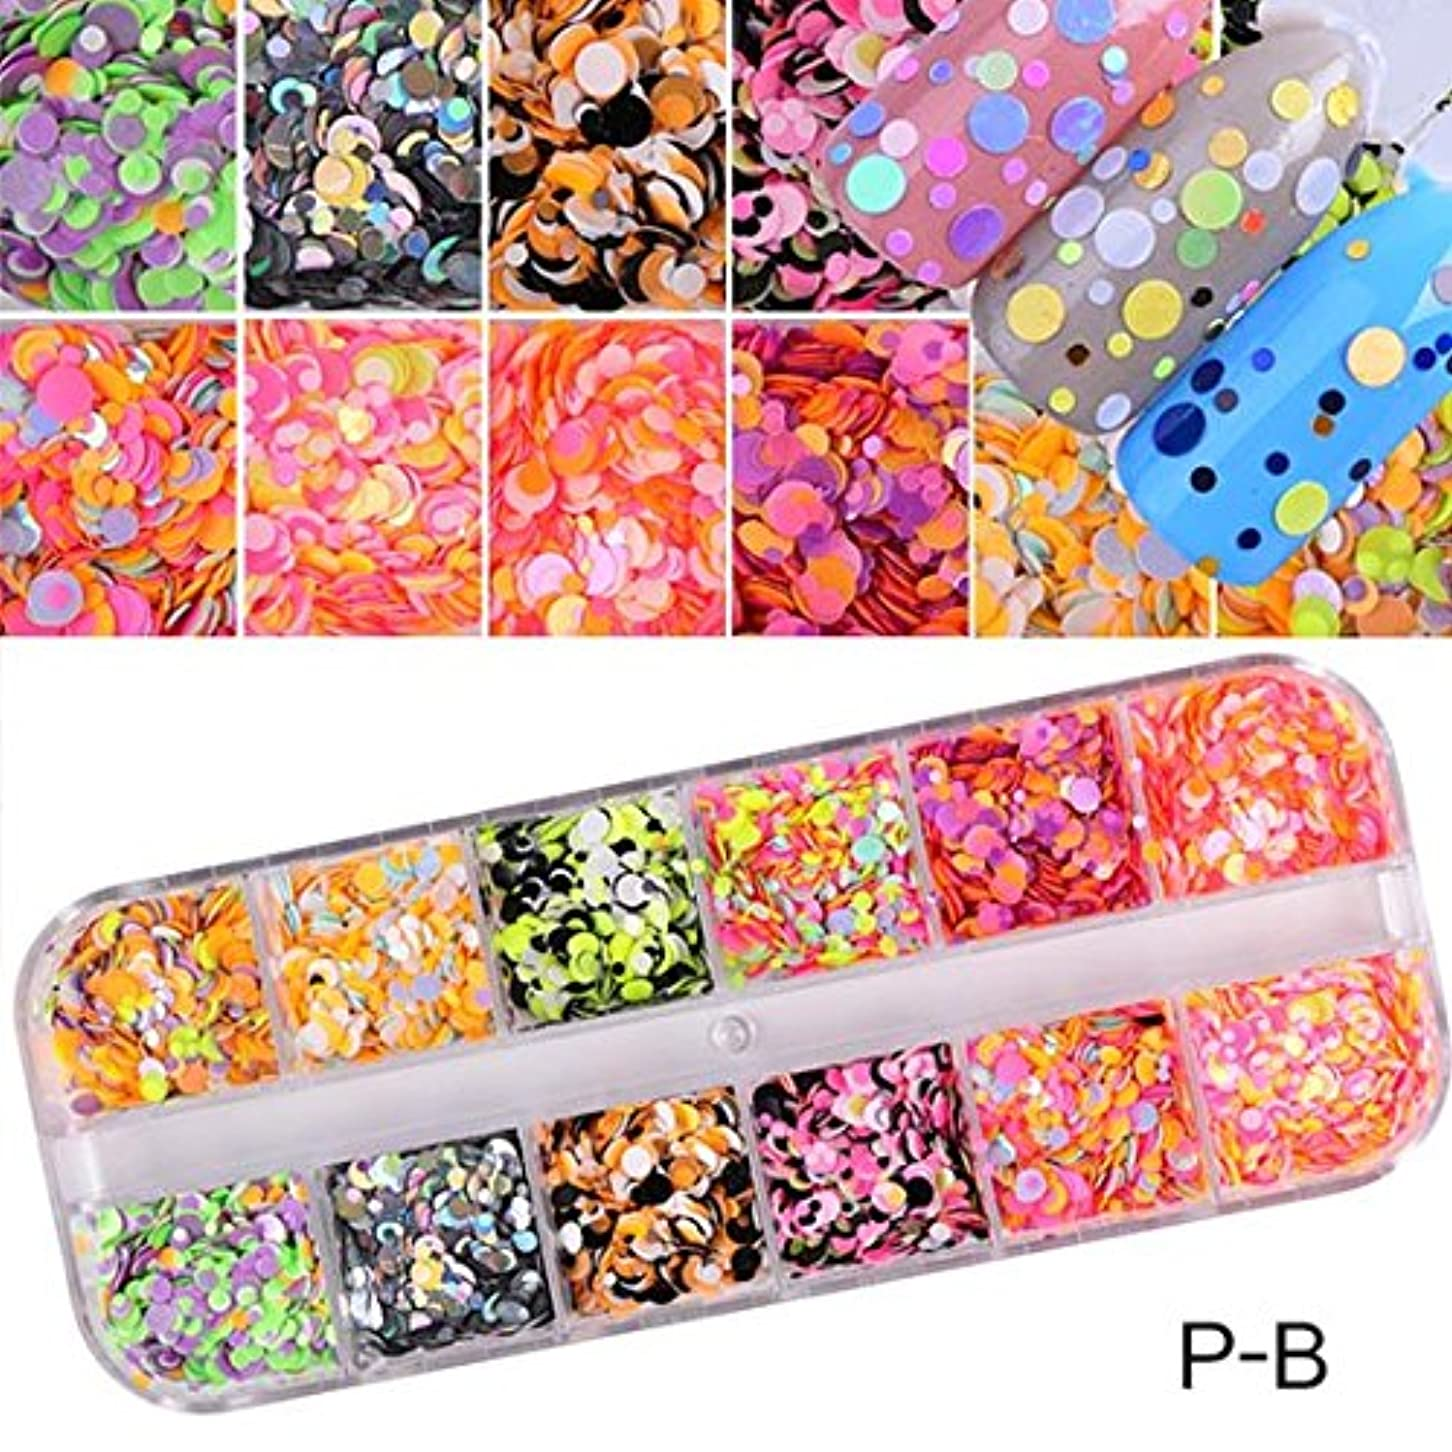 クレデンシャル家主系譜1 Set Dazzling Round Nail Glitter Sequins Dust Mixed 12 Grids 1/2/3mm DIY Charm Polish Flakes Decorations Manicure Tips Kit